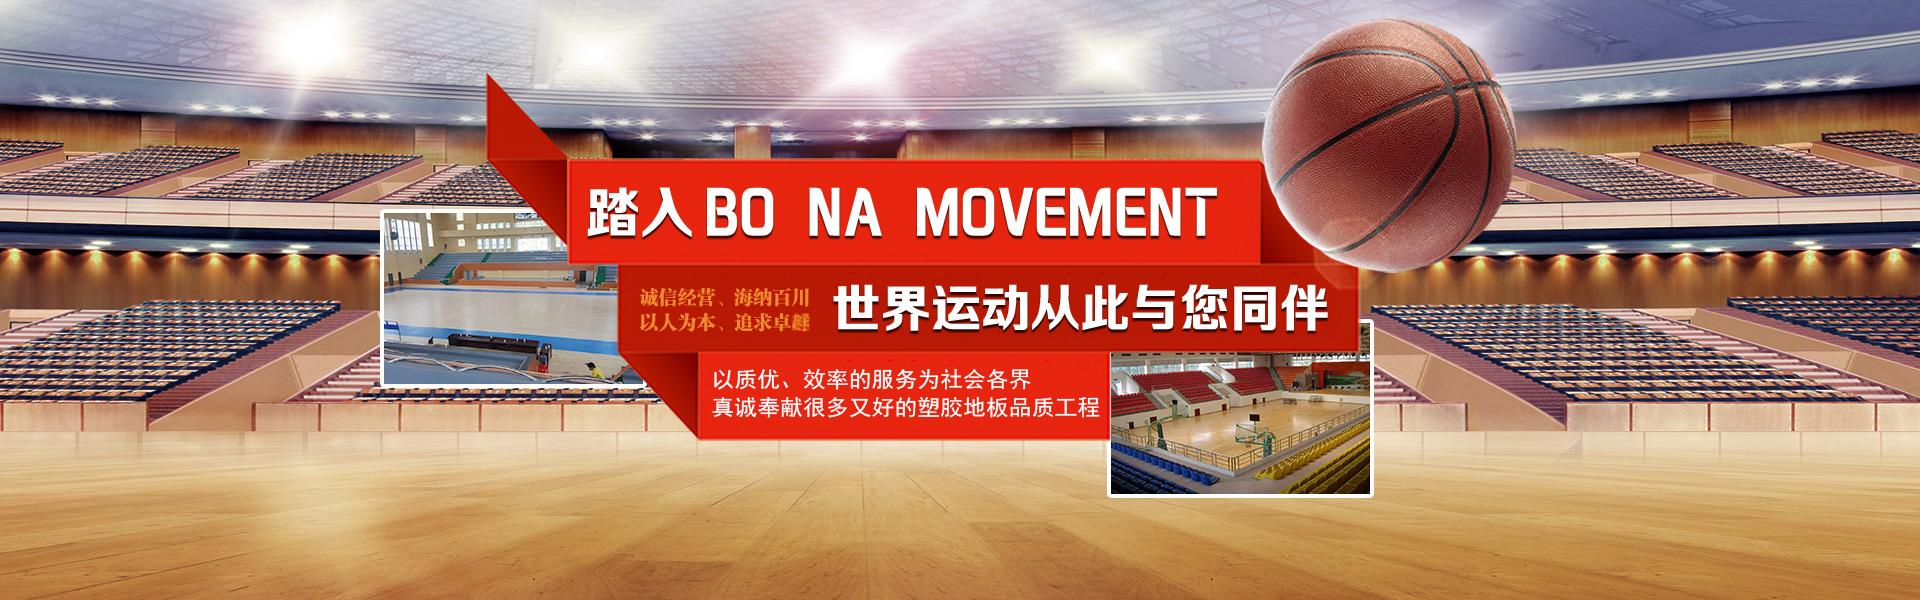 体育long8龙8国际 首页long8国际平台娱乐